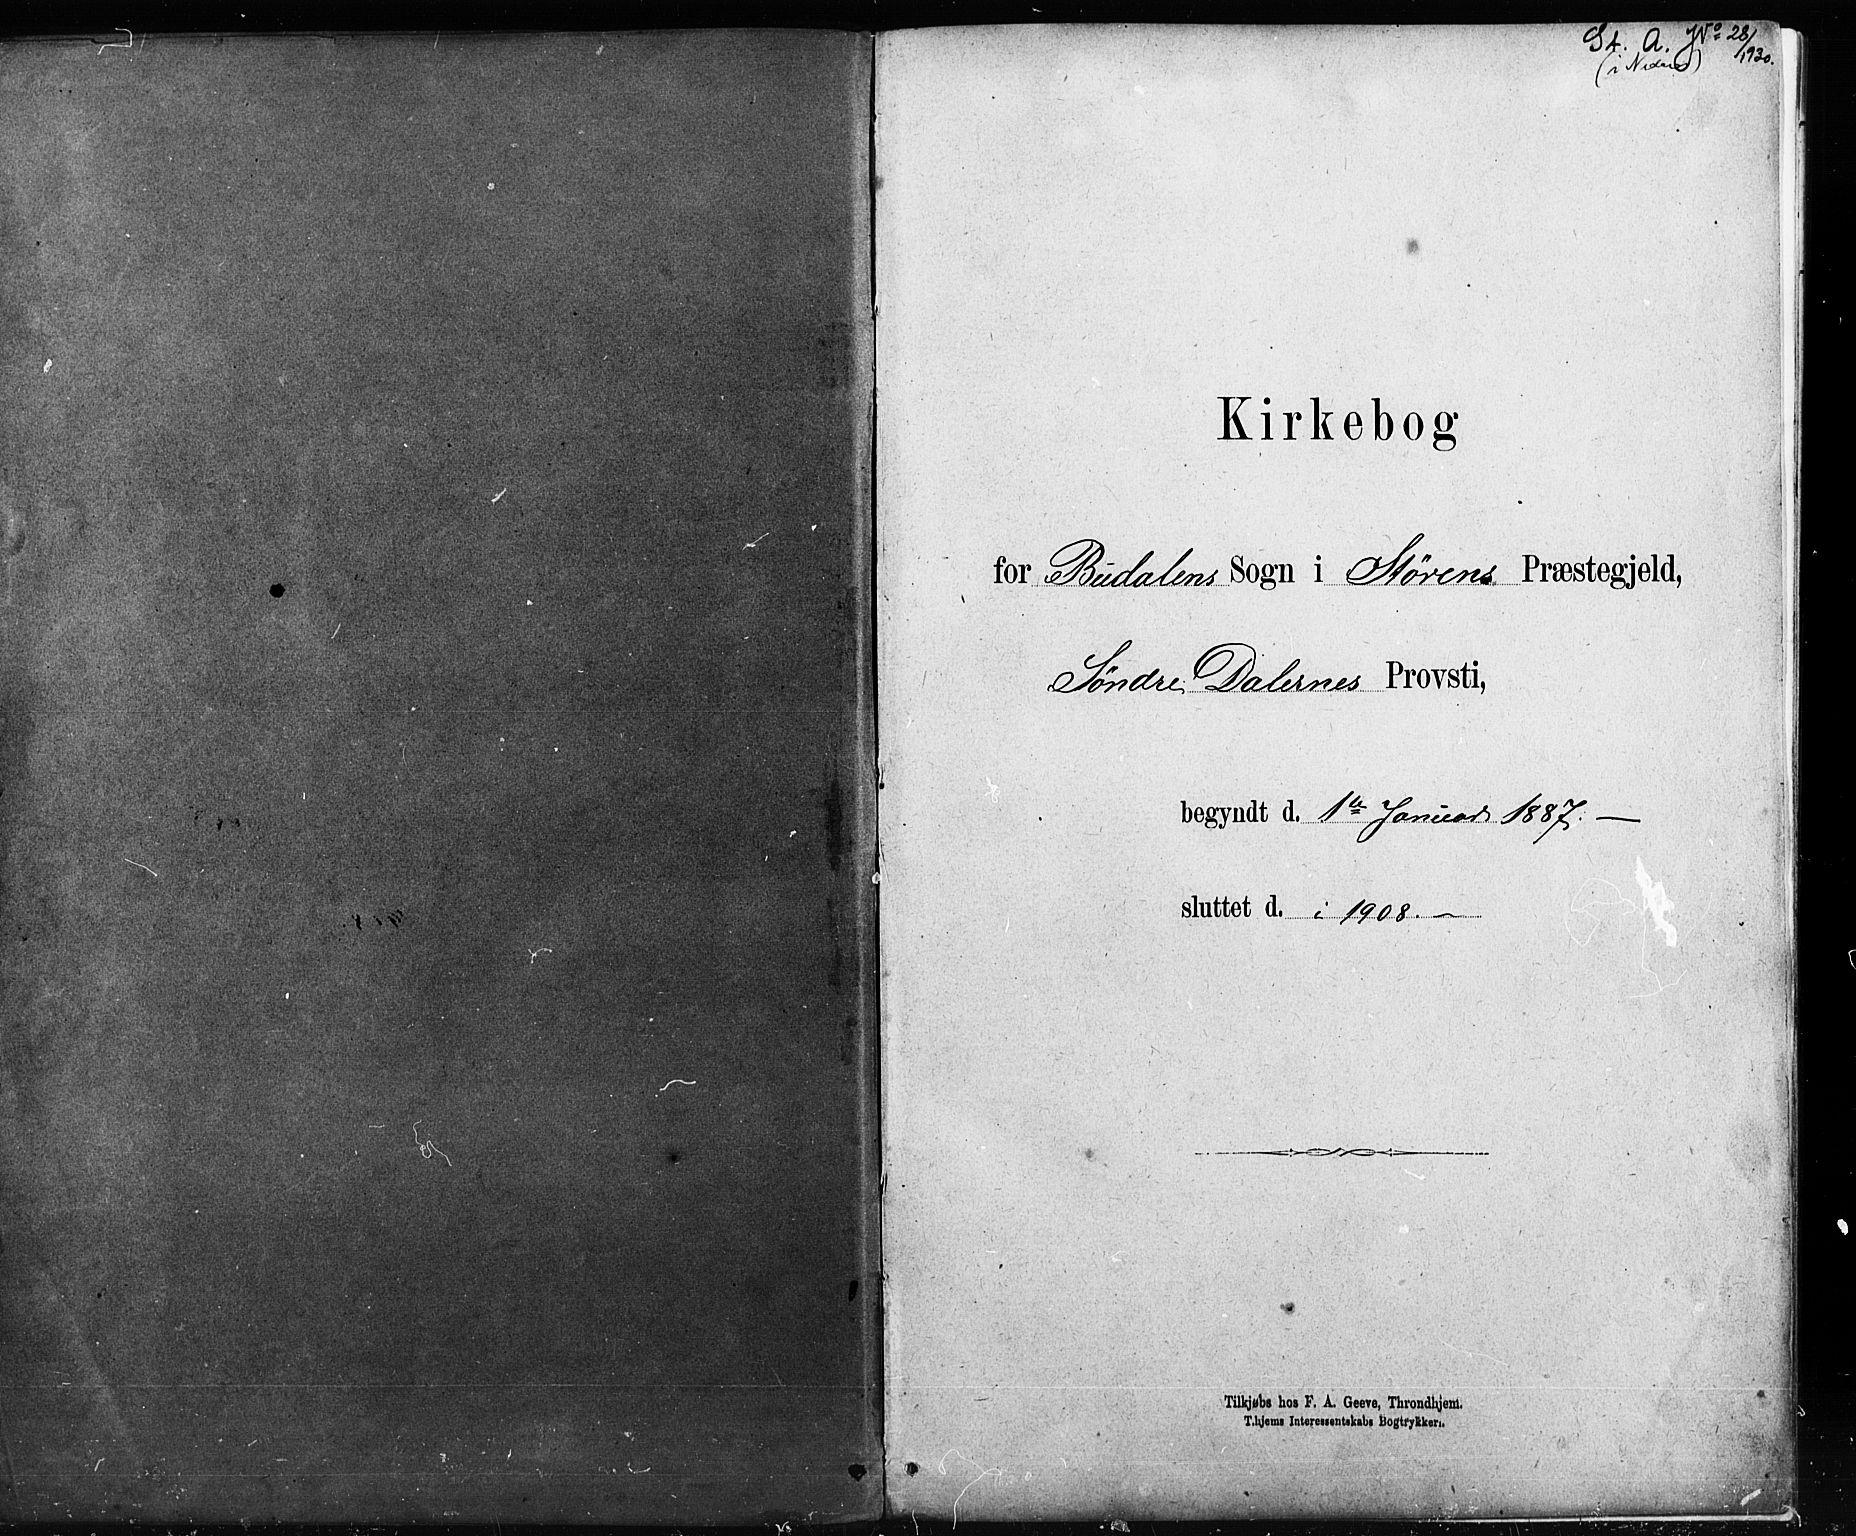 SAT, Ministerialprotokoller, klokkerbøker og fødselsregistre - Sør-Trøndelag, 690/L1051: Klokkerbok nr. 690C01, 1887-1908